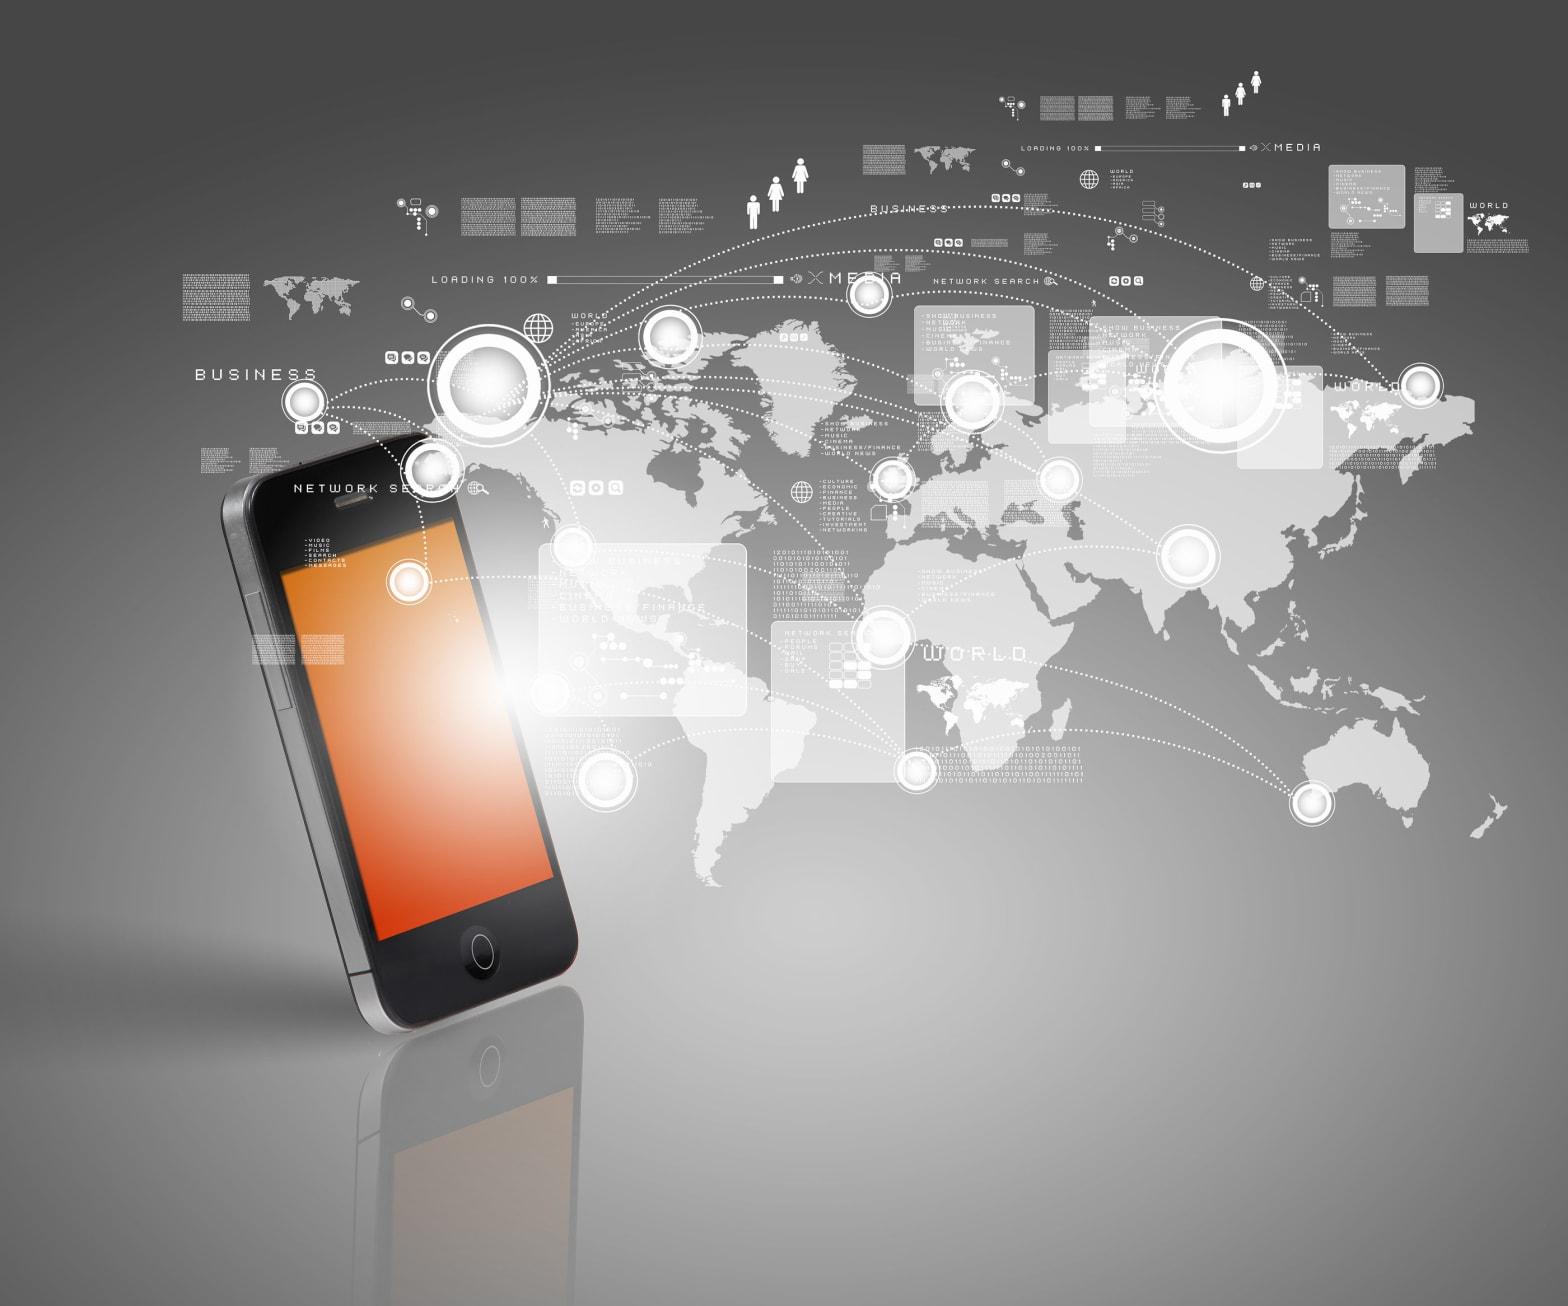 telematics smartphone app